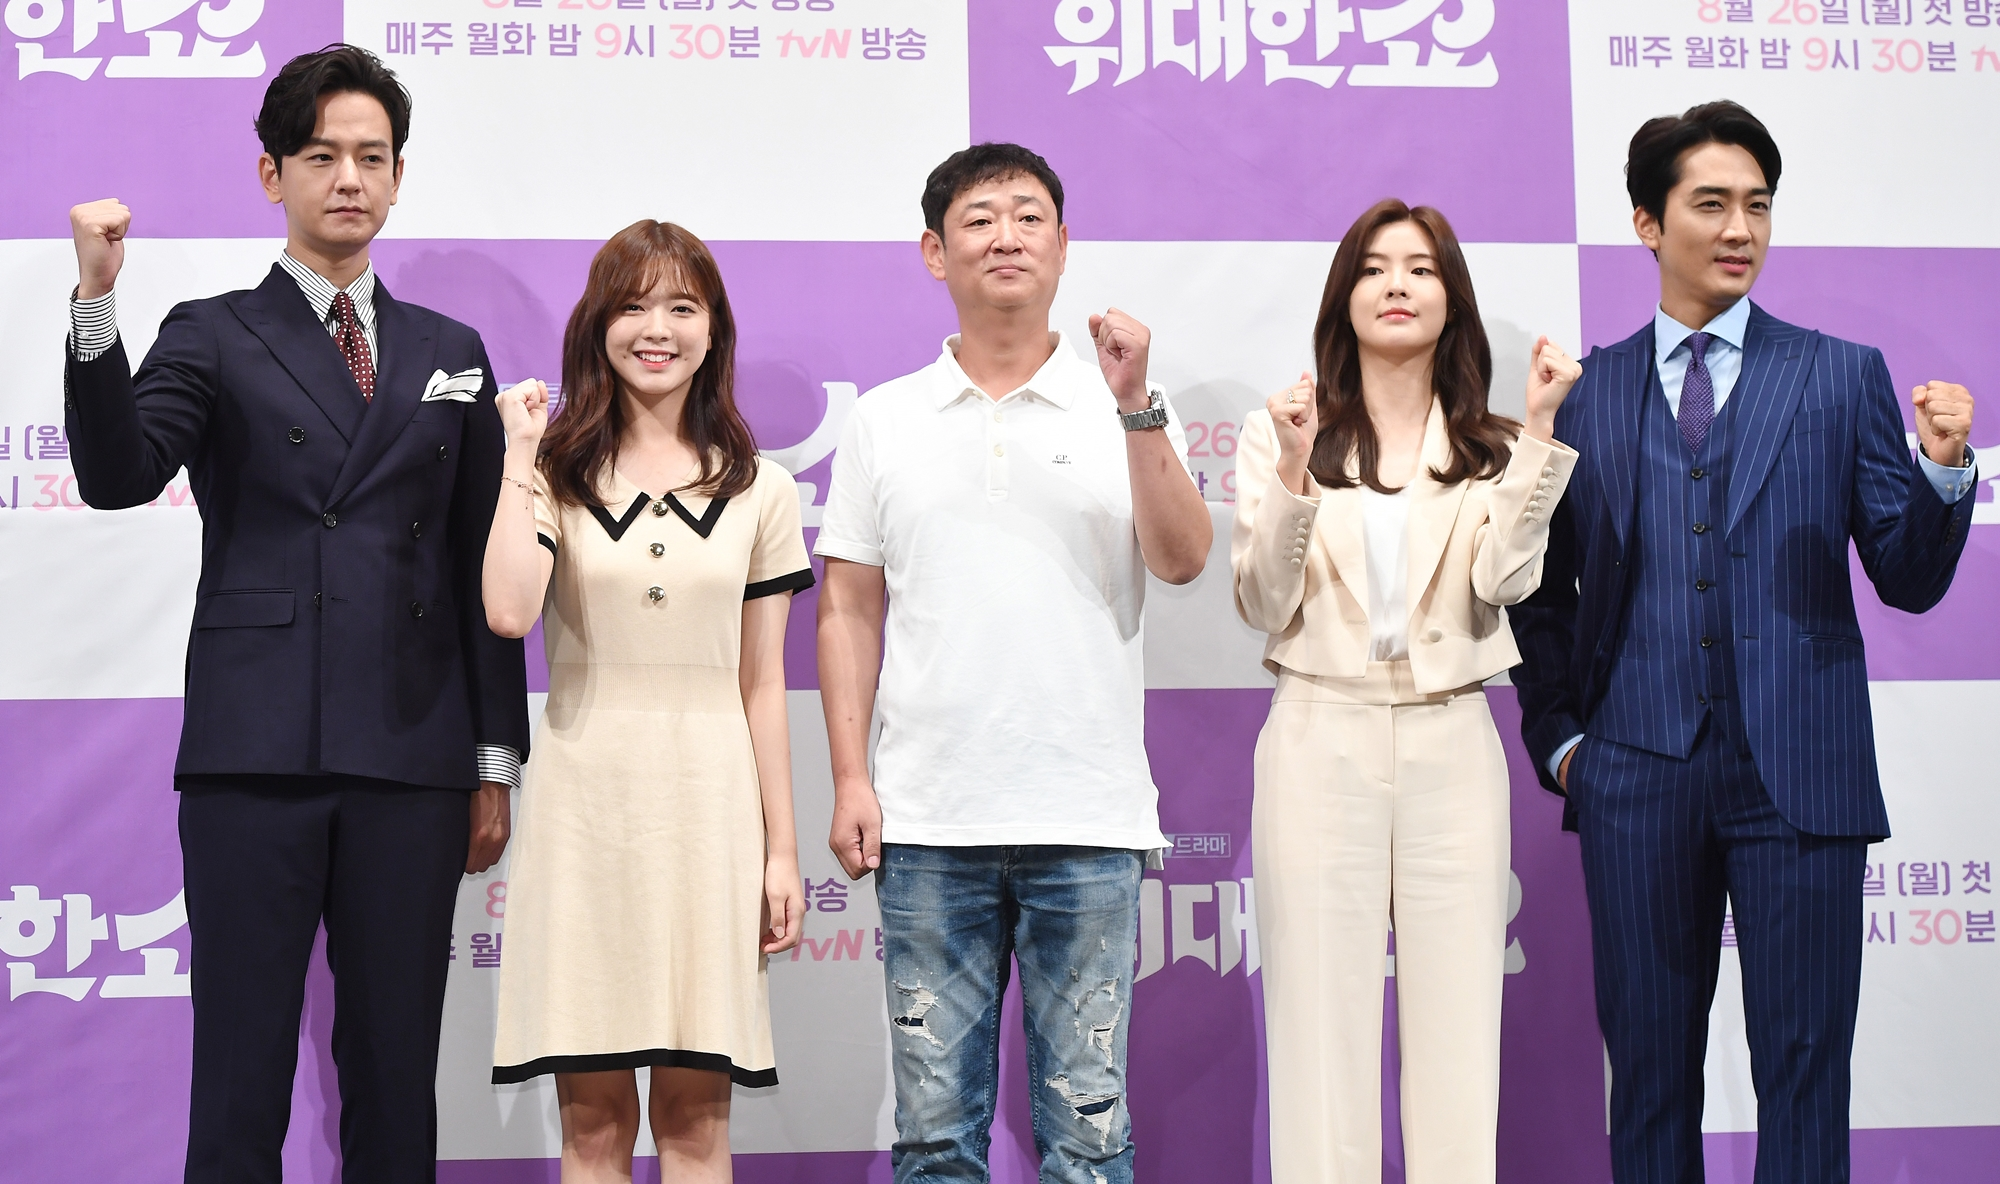 사남매父 송승헌...tvN, '위대한쇼'로 로맨스 이어 가족극 맛집 예약(종합)